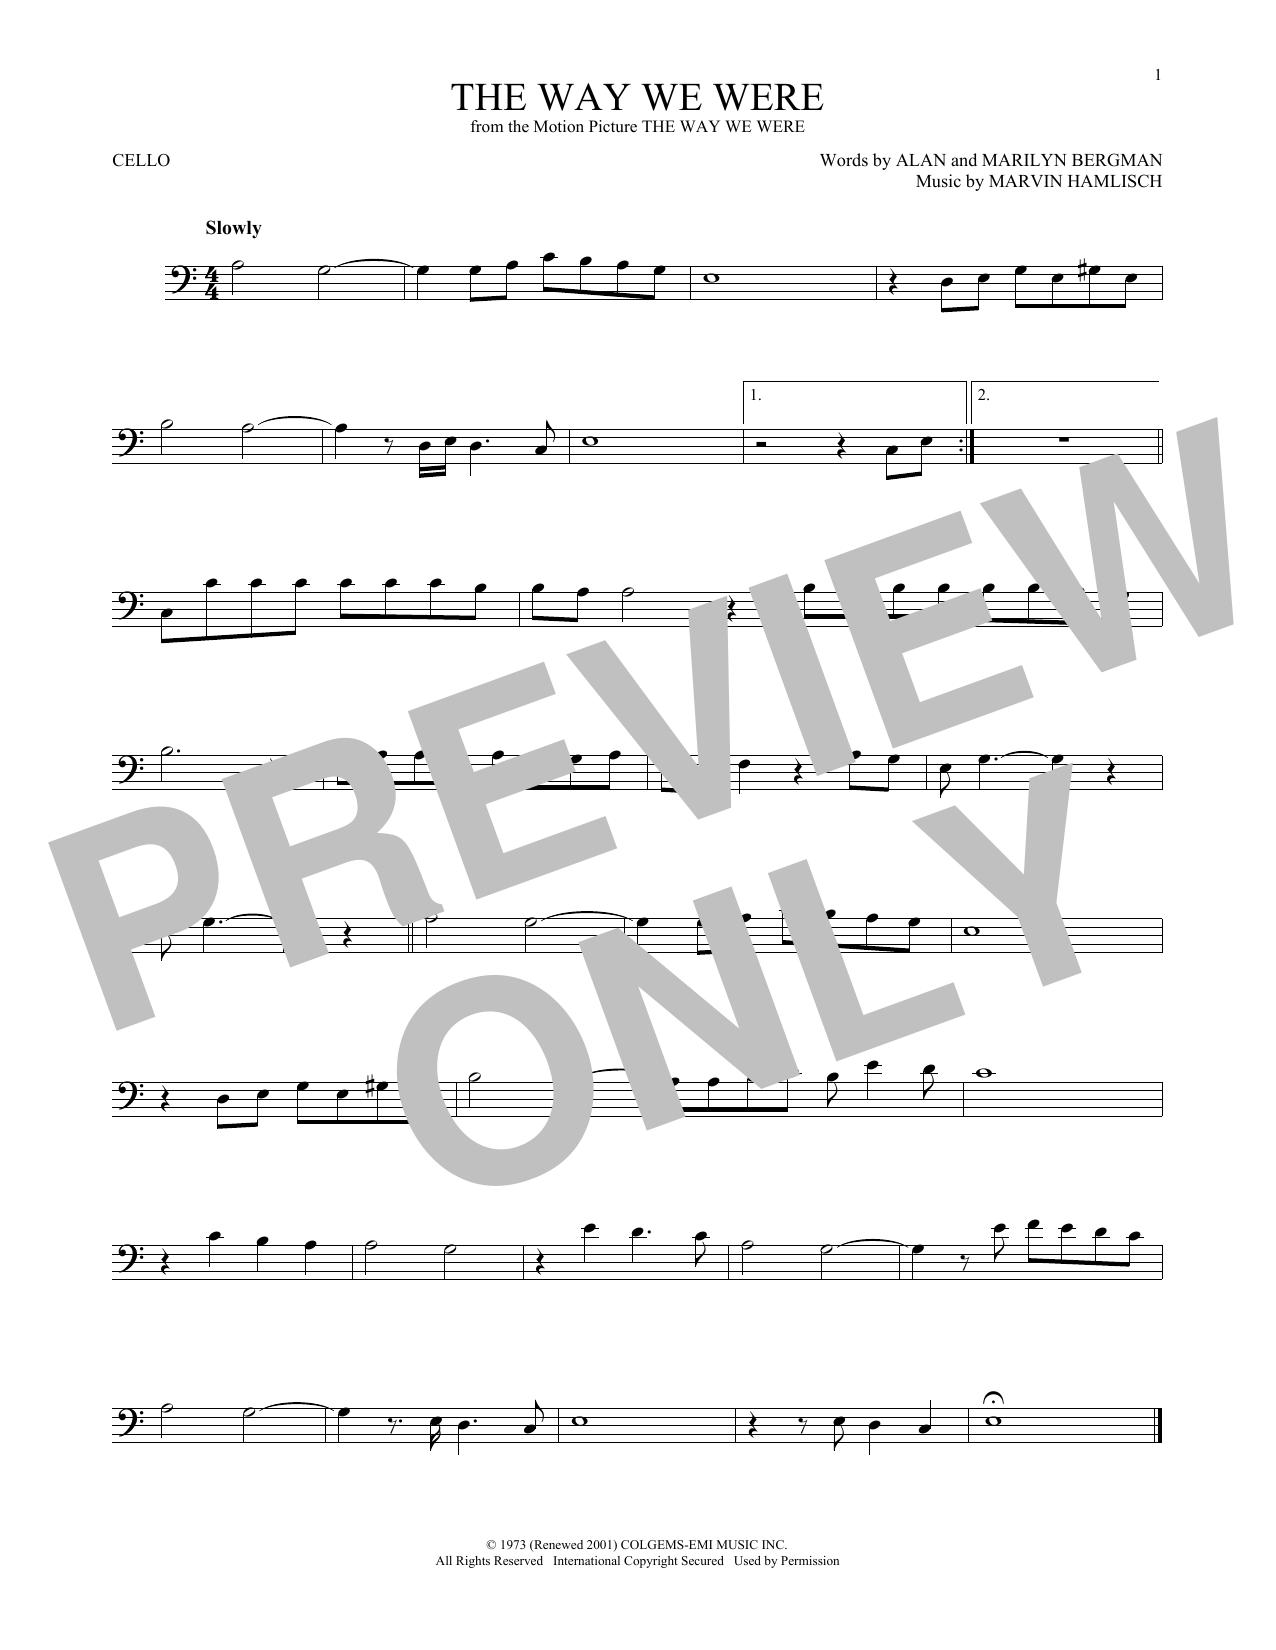 The Way We Were (Cello Solo)